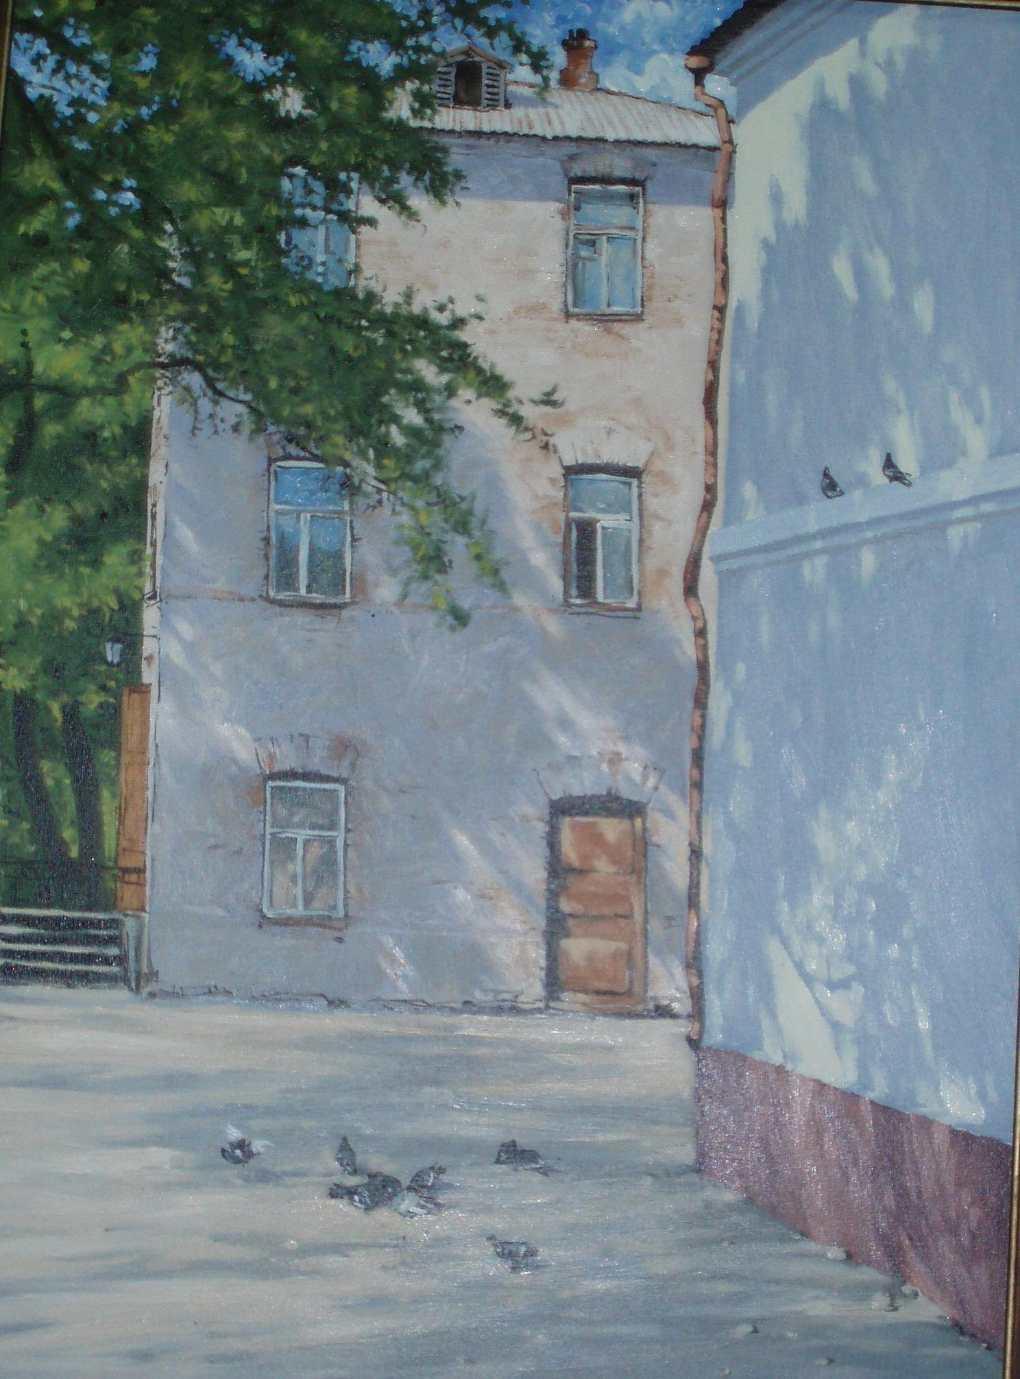 Обманец А. А. Владивосток. В тени старого дерева. 2003. Холст, масло. 80х60